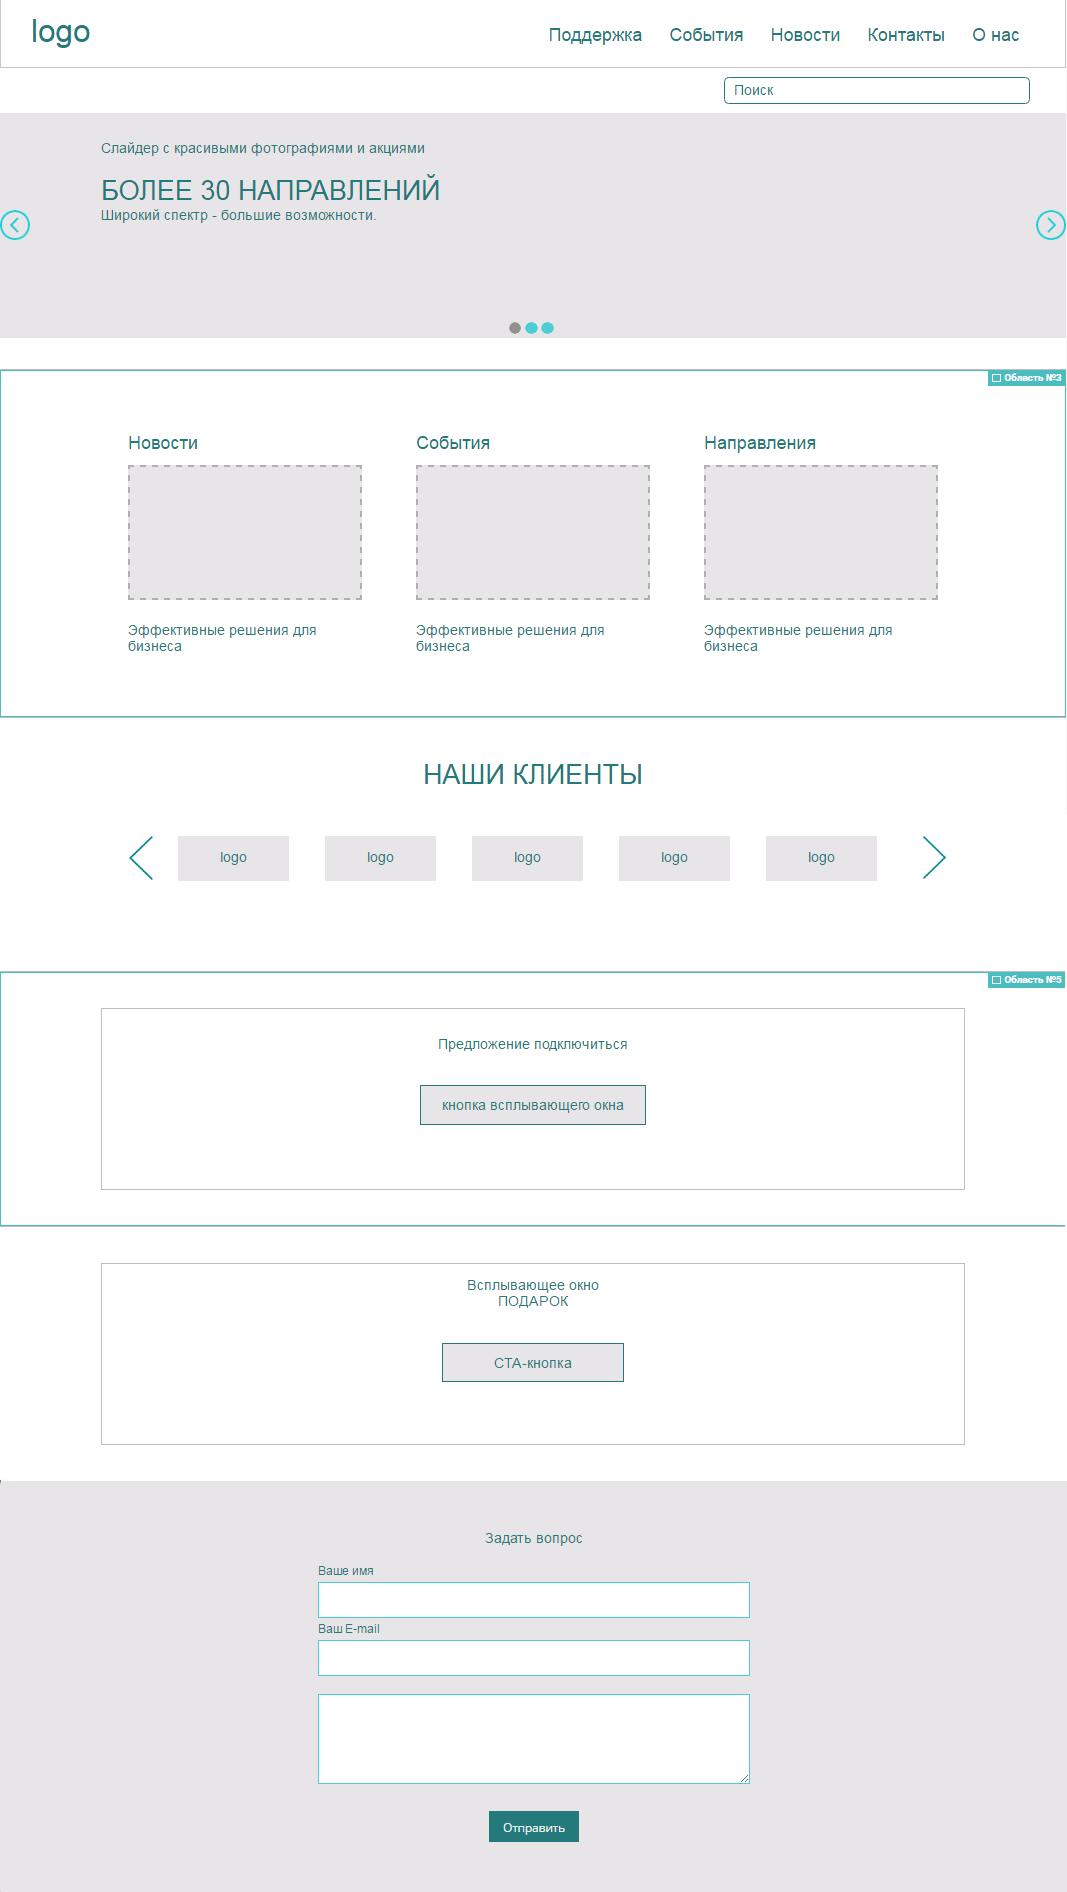 Компания создание сайтов статья заказать продвижение сайтов максимально качественно.отвечаем за качество